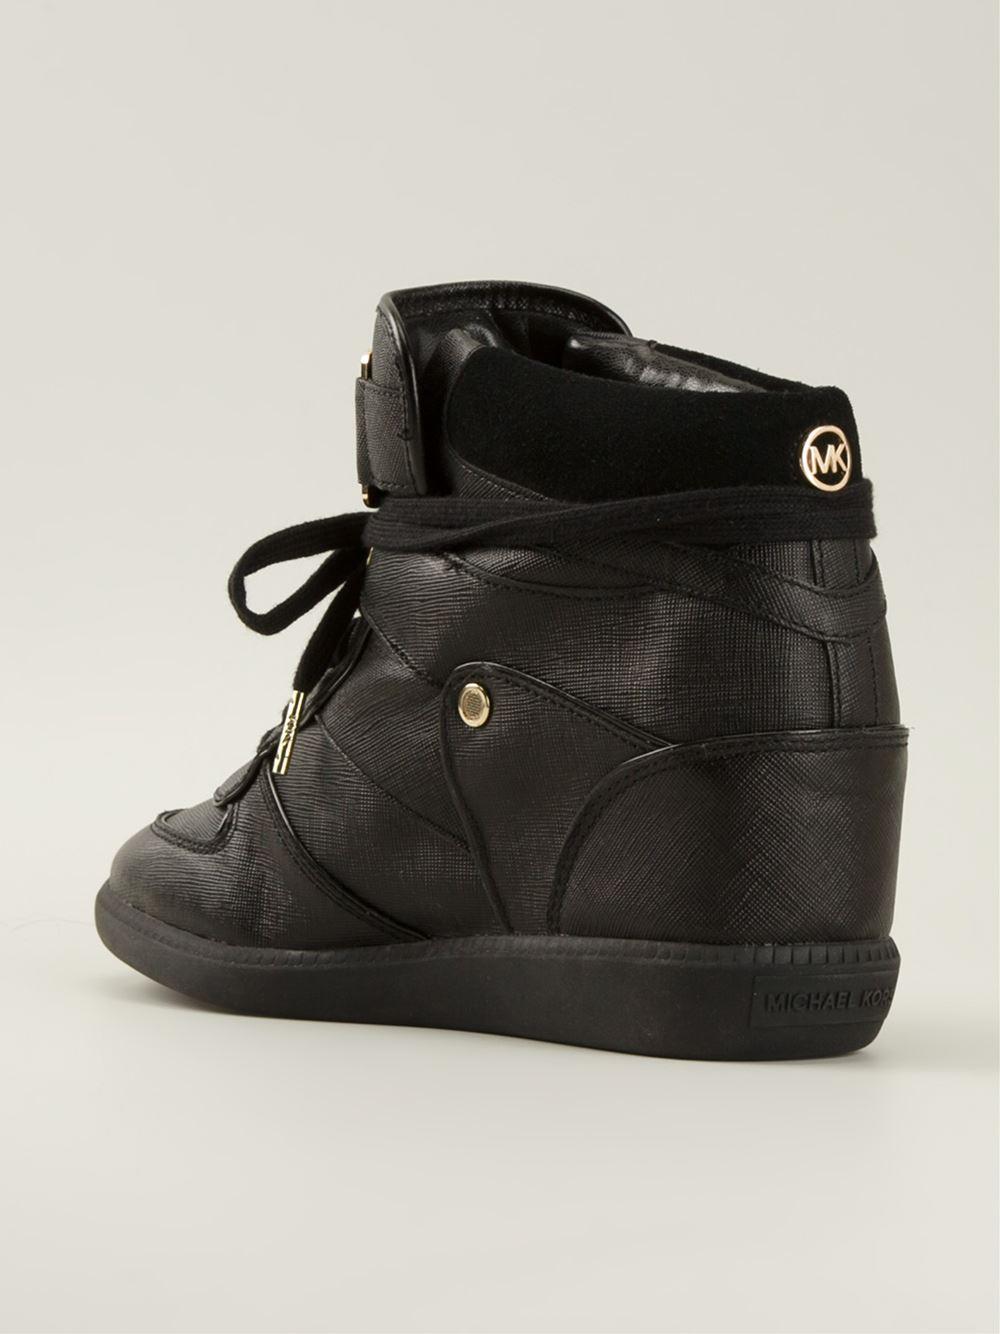 0813a552caa Lyst - MICHAEL Michael Kors Concealed Wedge Hi-top Sneakers in Black